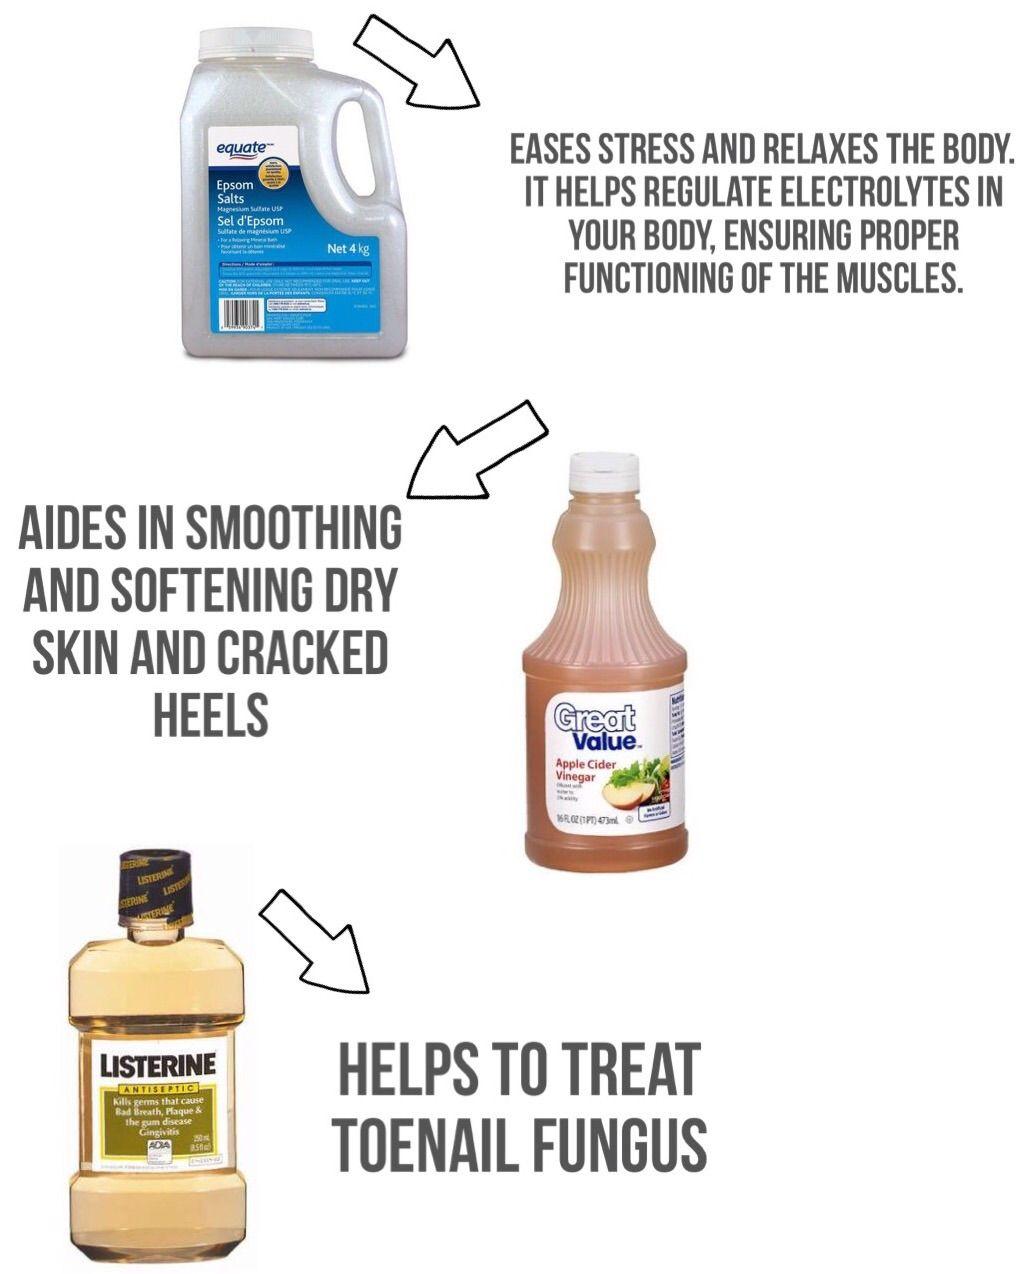 Listerine Apple Cider Vinegar Foot Soak : listerine, apple, cider, vinegar, Dannielle, Walker, Formally, CRAFTS, PROJECTS, Mouthwash, Soak,, Vinegar